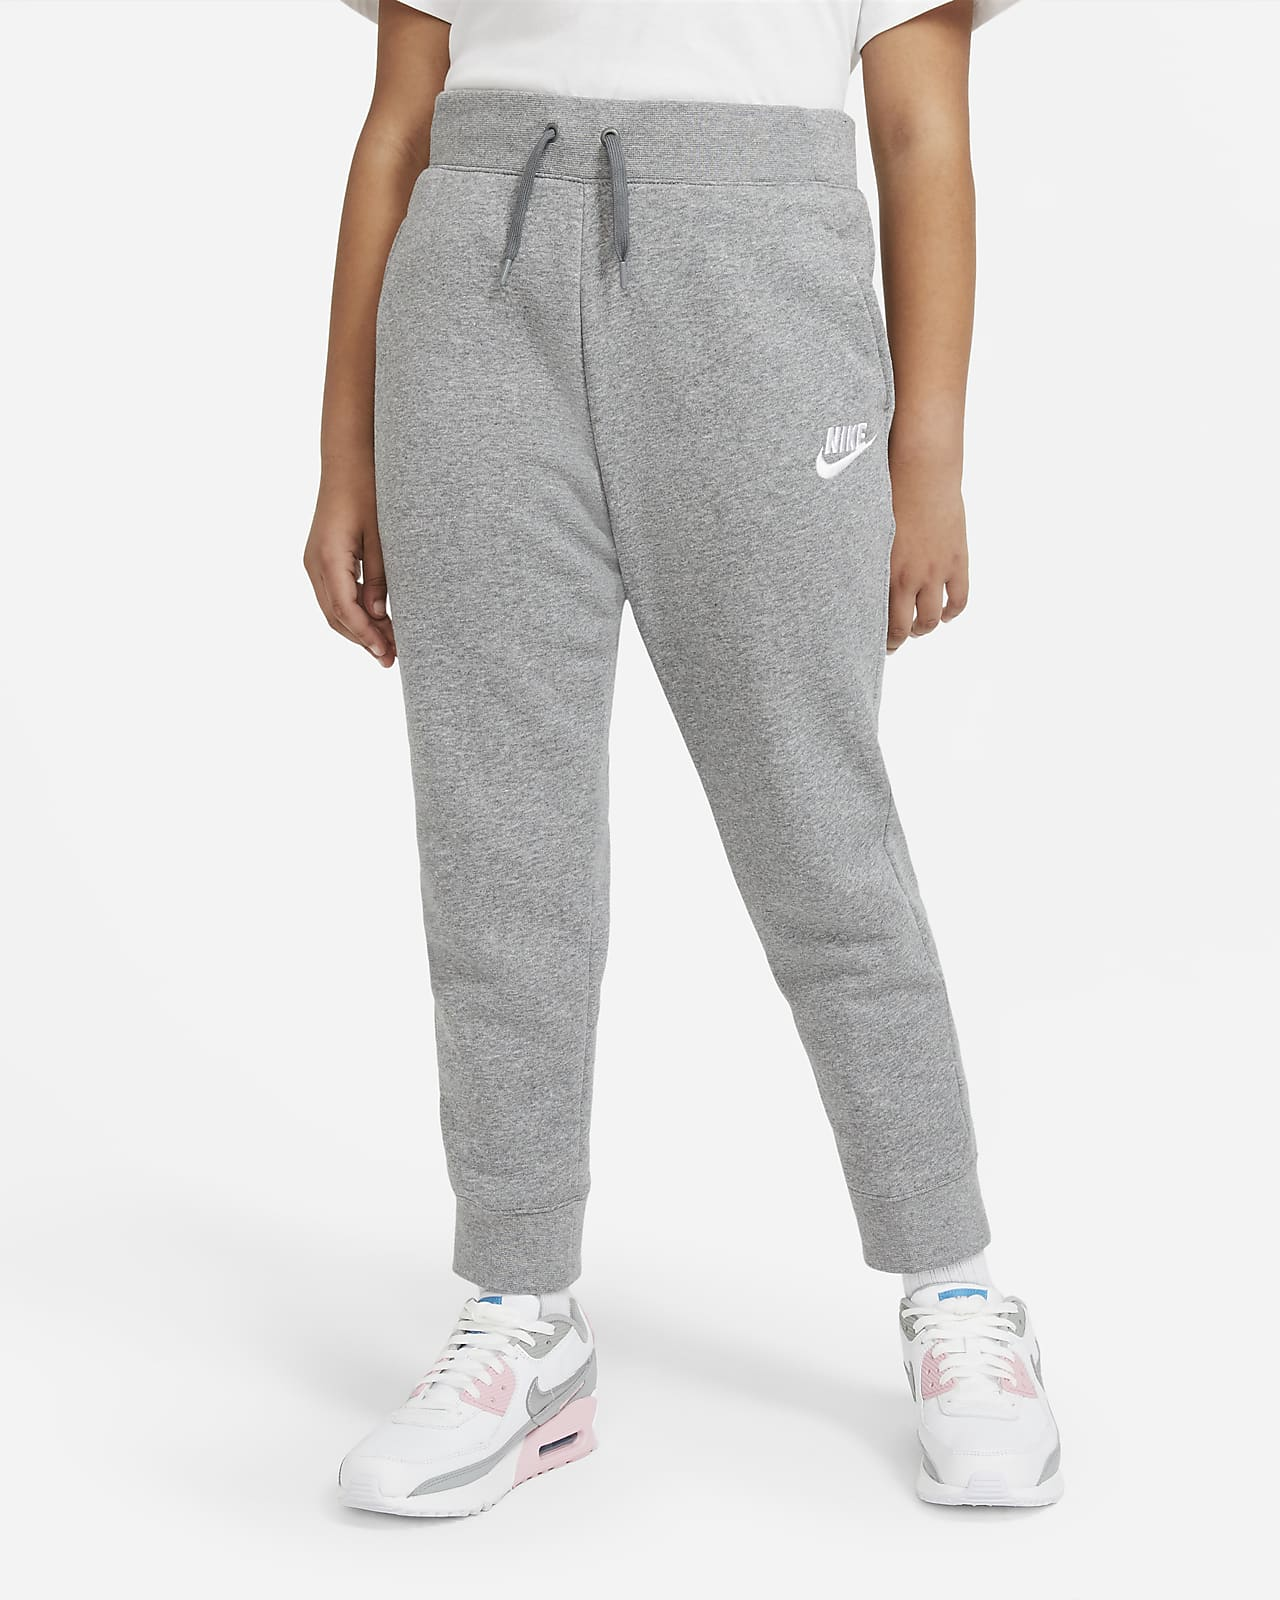 Nike Sportswear Hose für ältere Kinder (Mädchen) (große Größe)